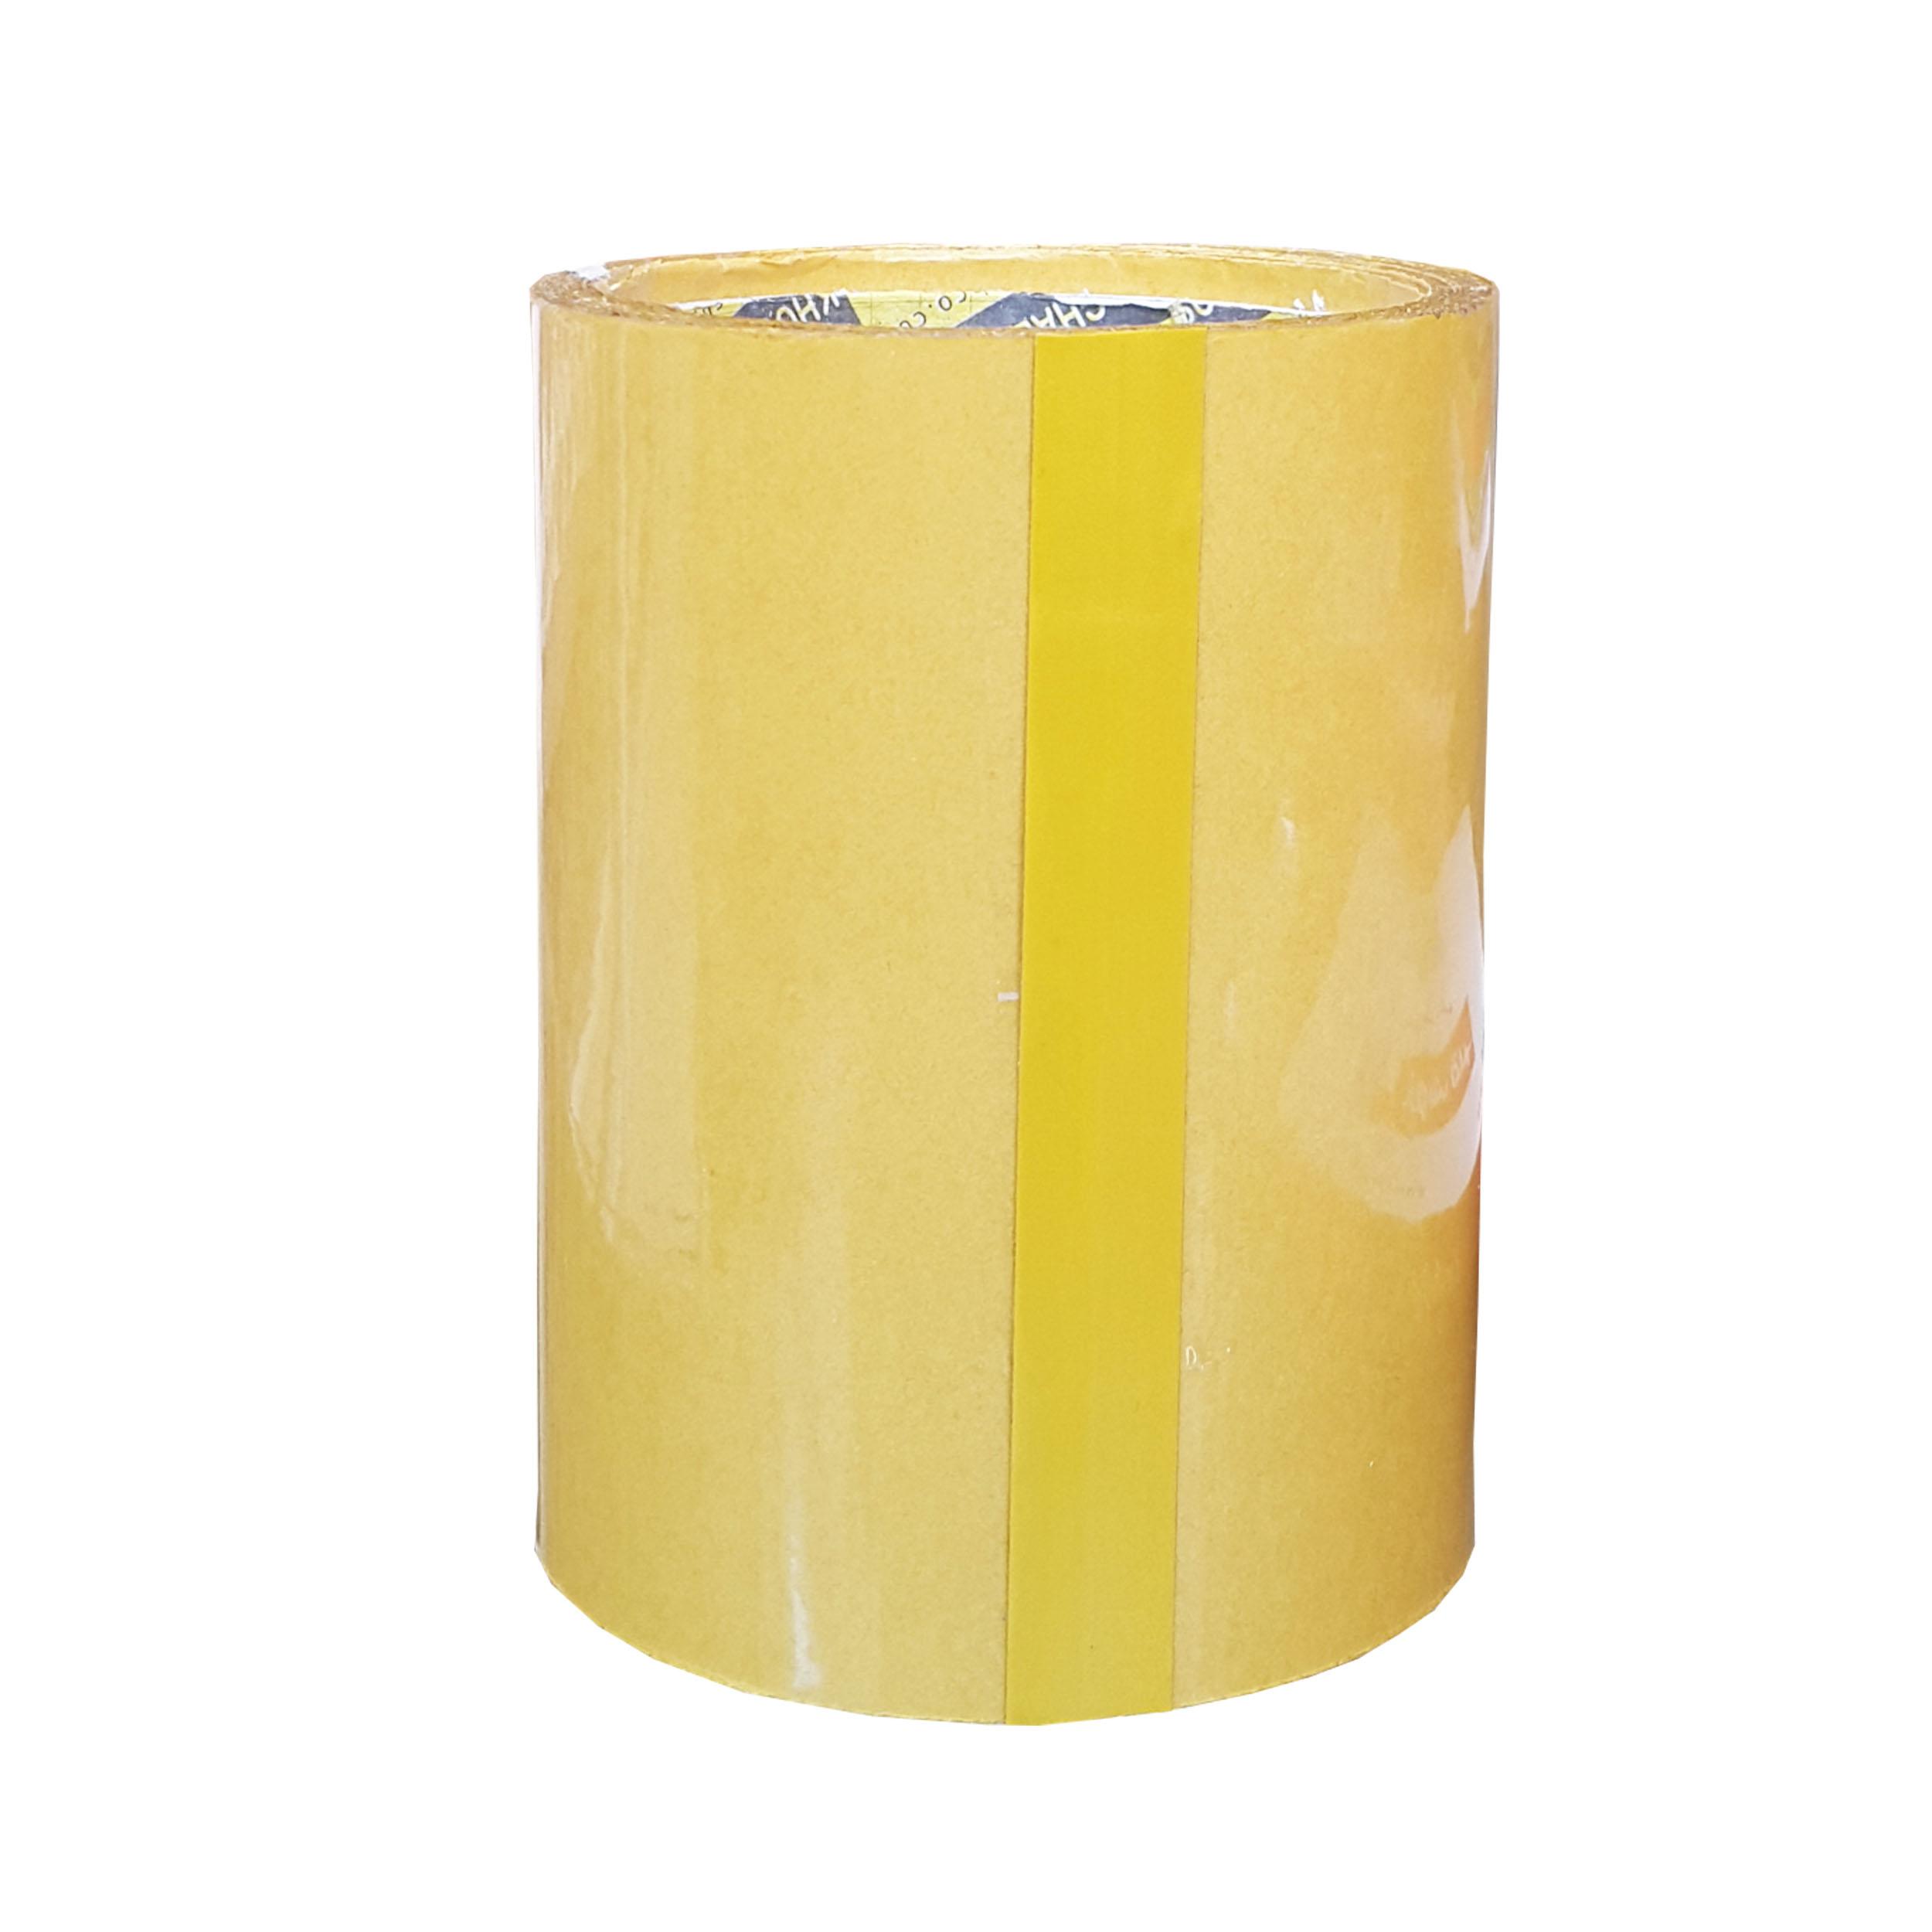 چسب محافظ ریشه فرش کد 8585